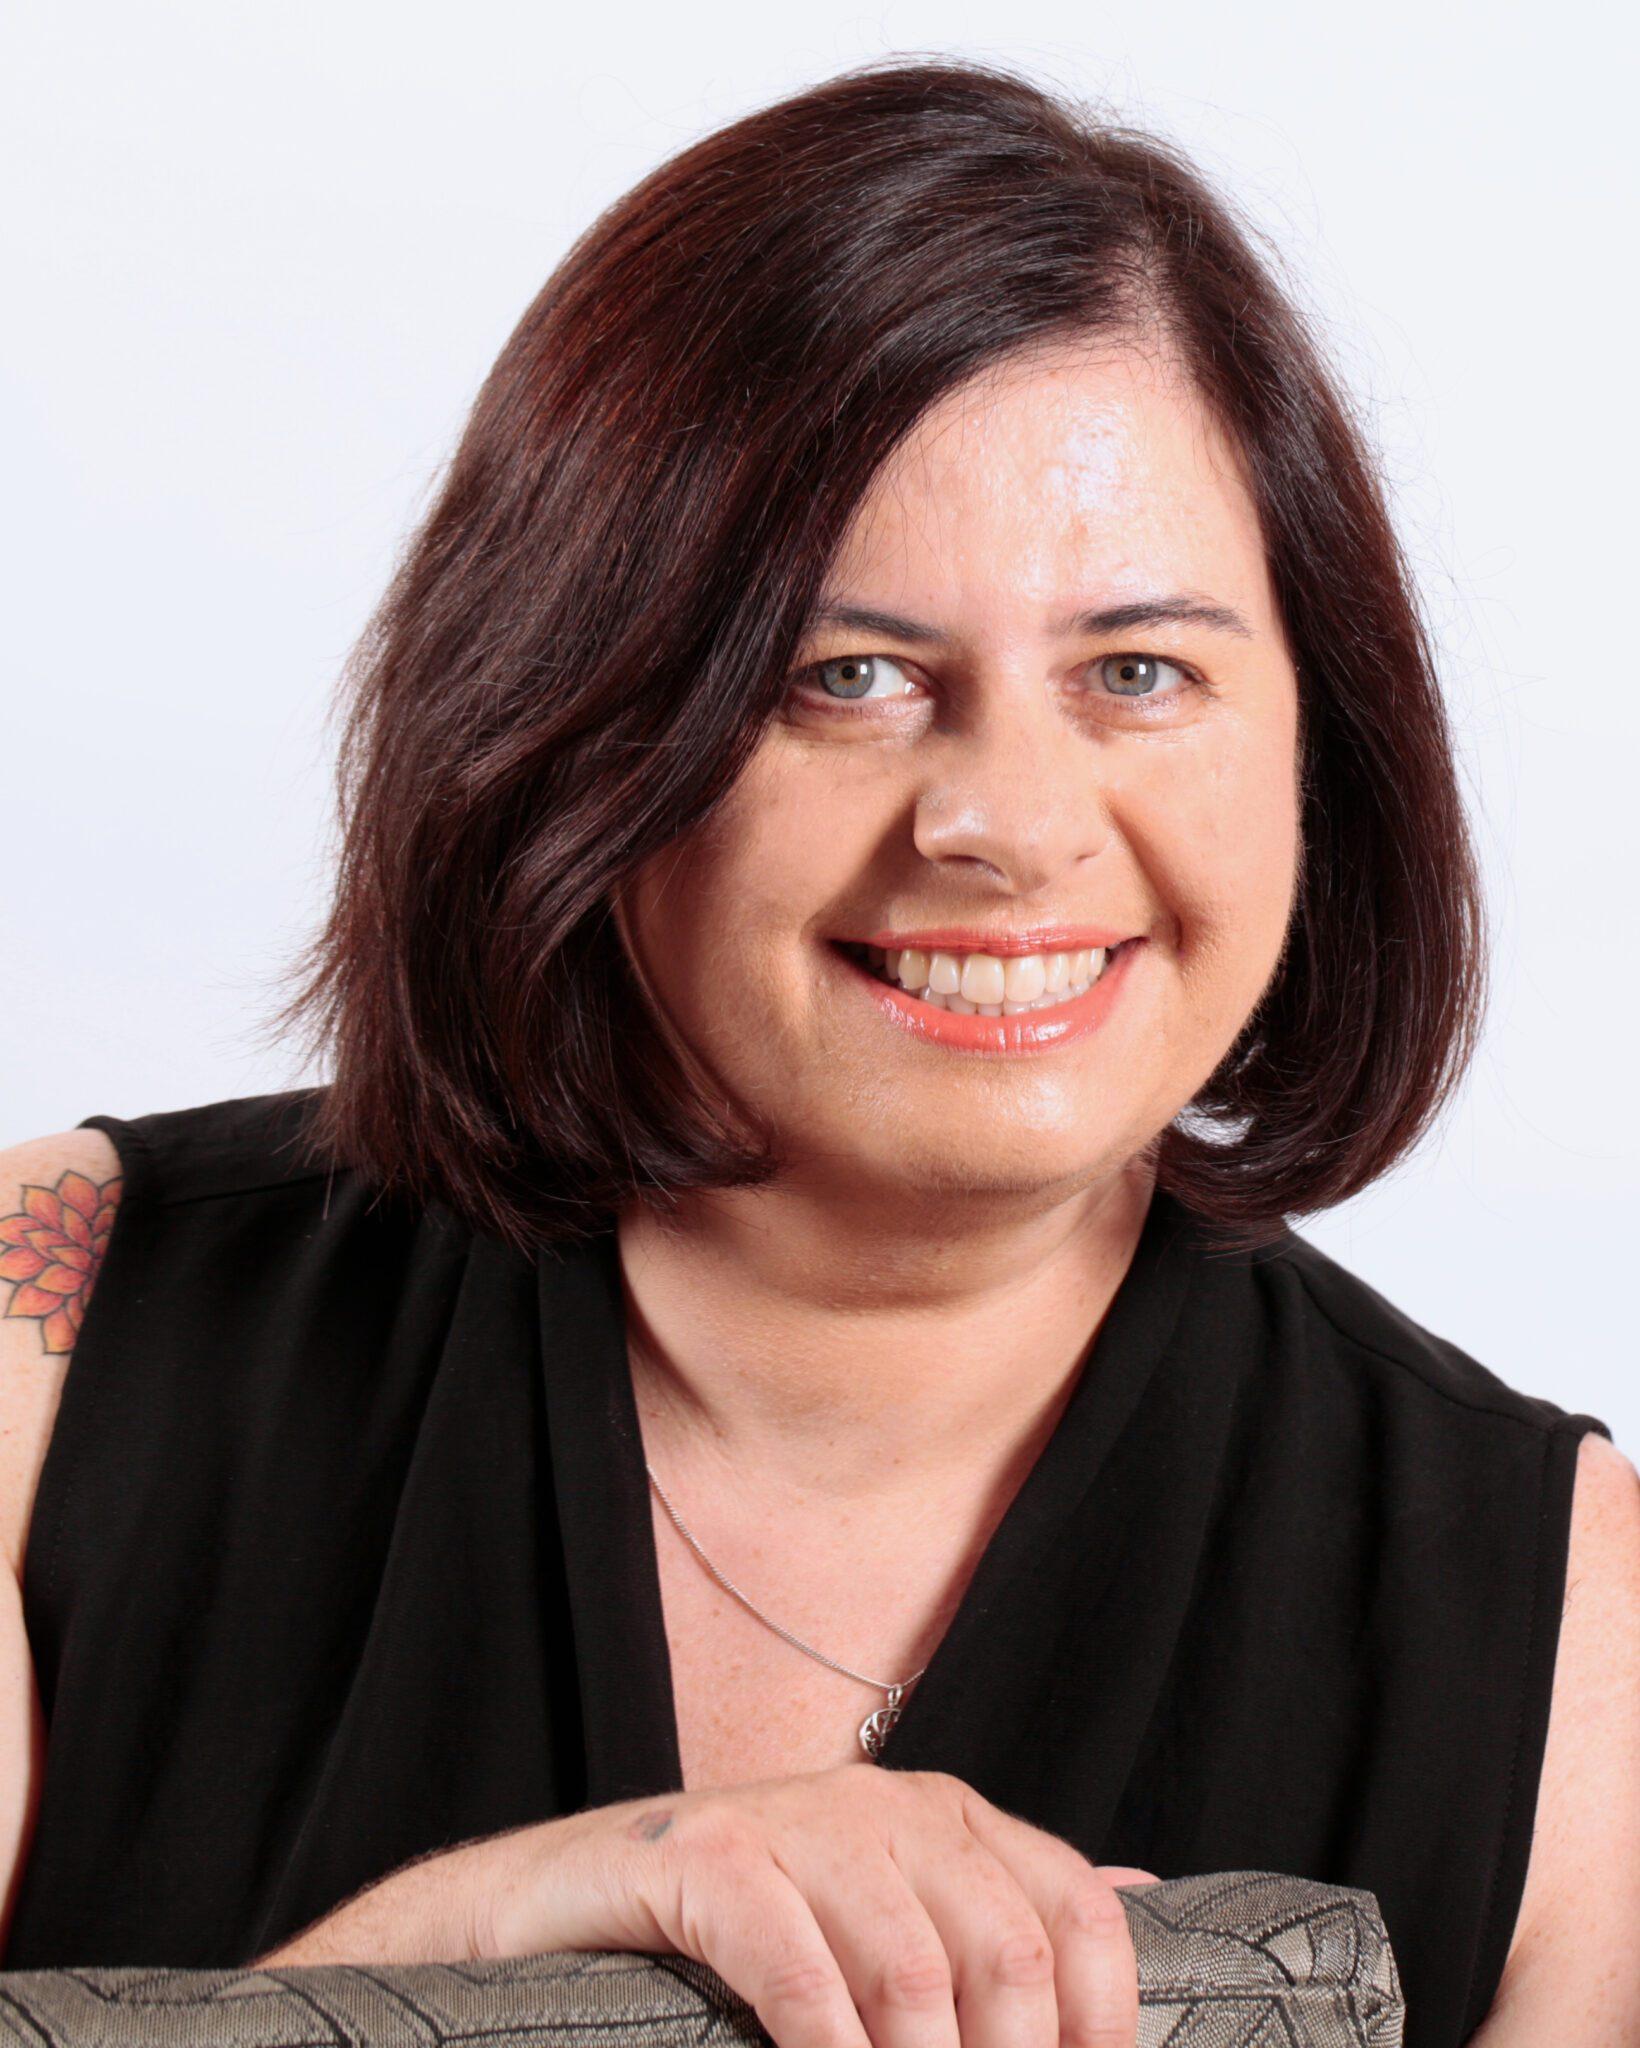 Karina Sadu